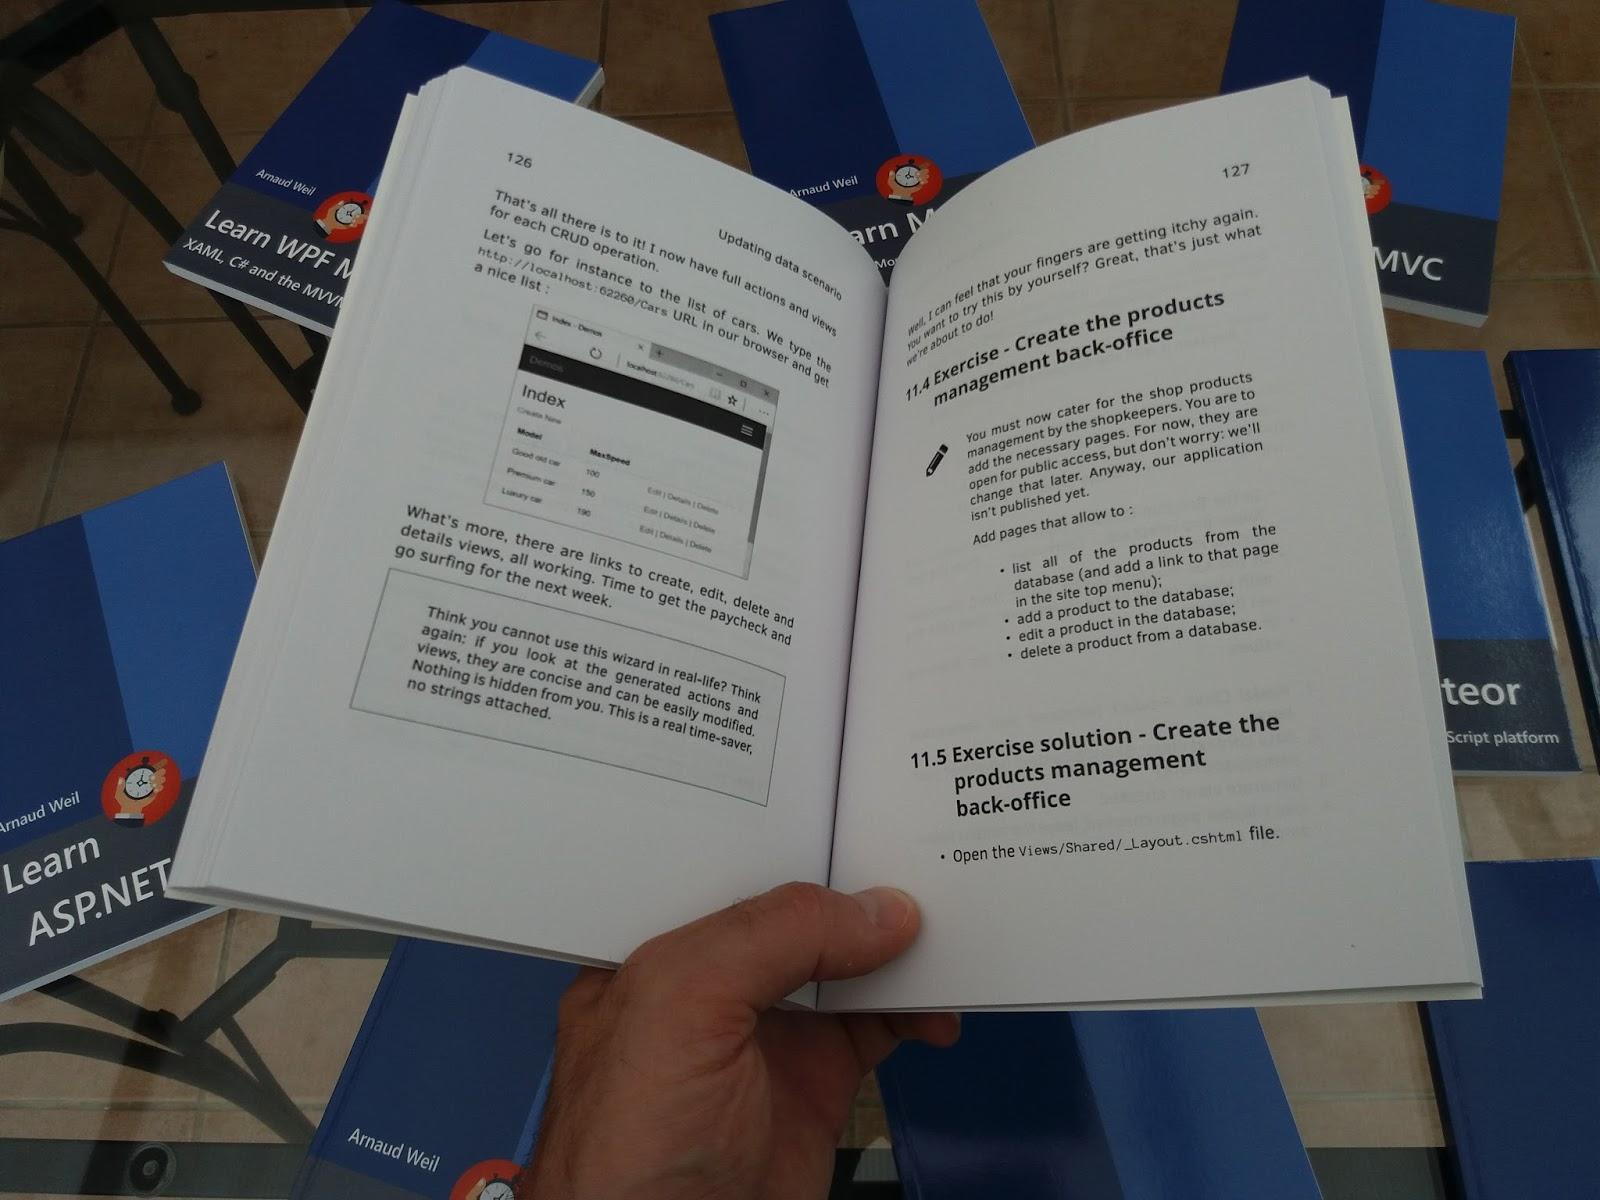 asp net mvc 5 book pdf